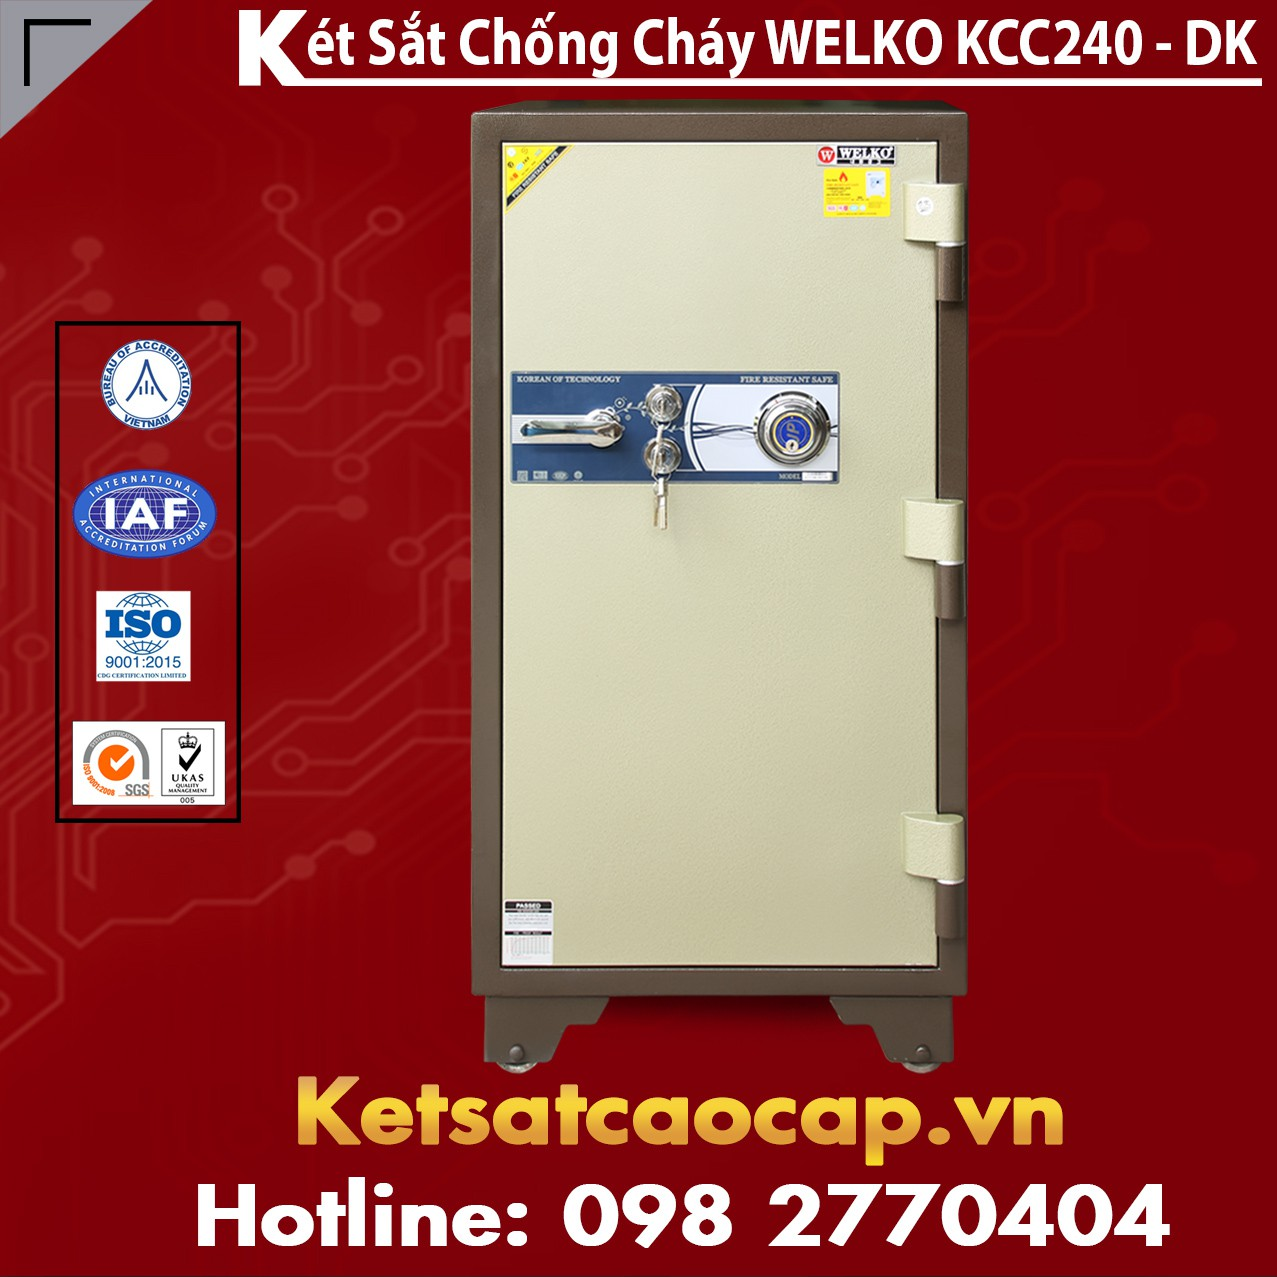 Két Sắt Nhập Khẩu KCC240 DK - Brown